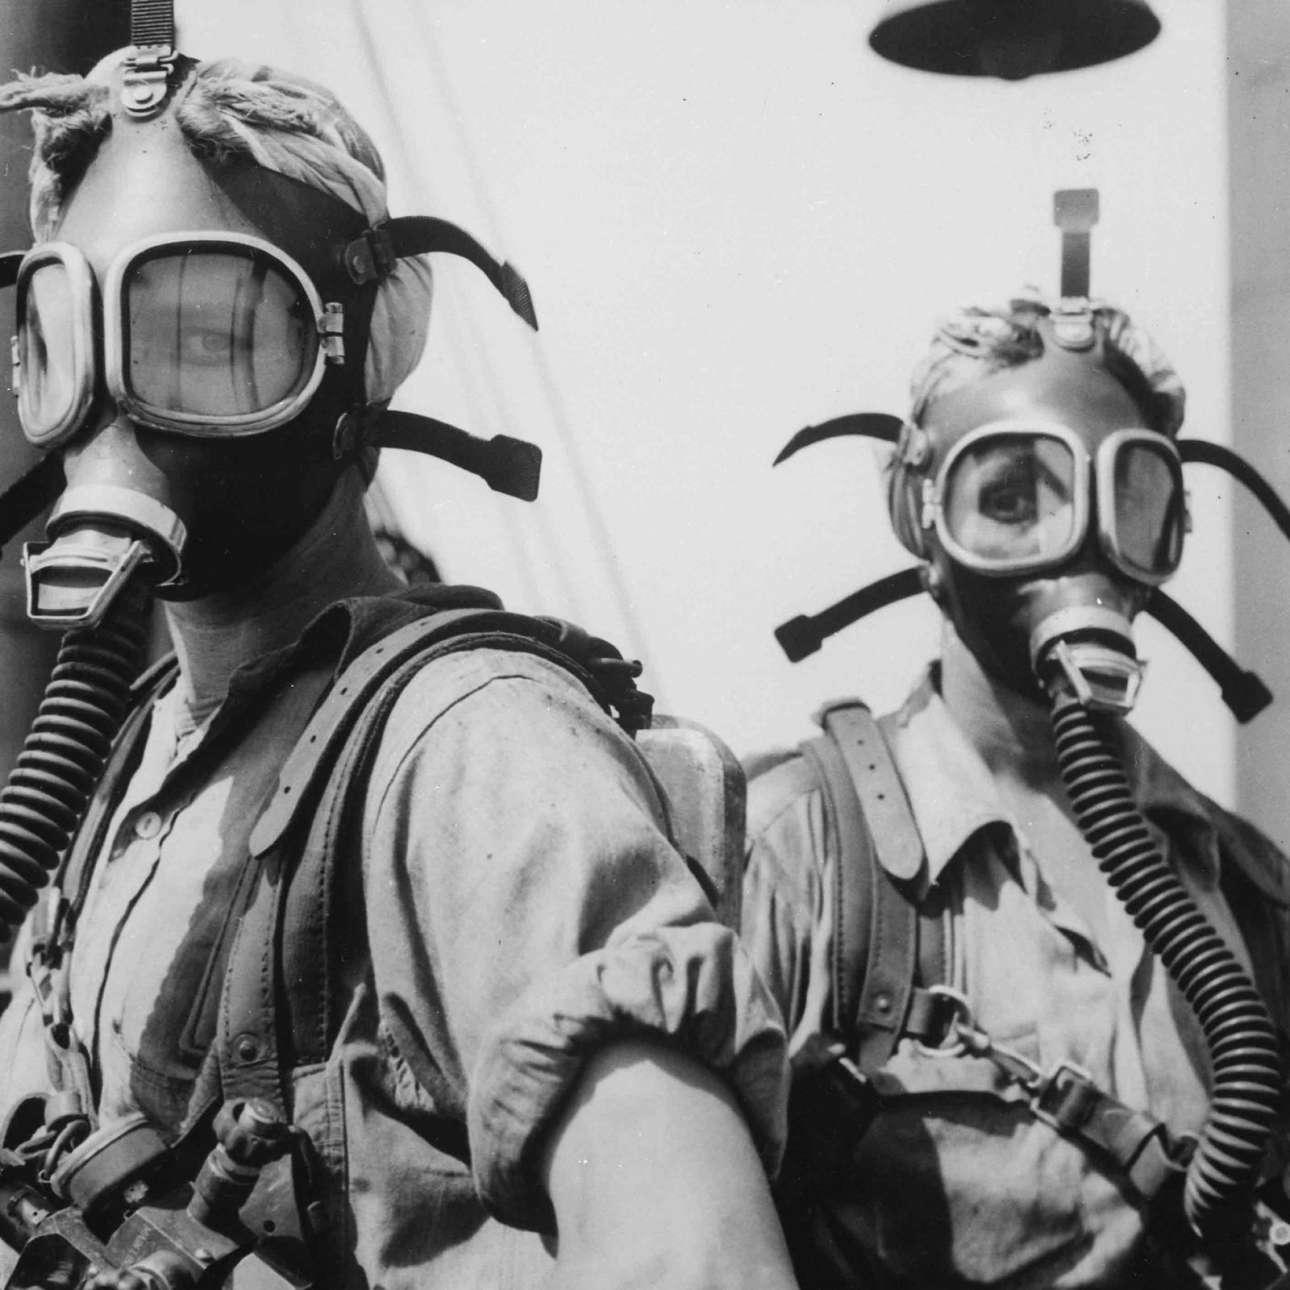 Ιντιάνα ΗΠΑ: δύο εργάτριες του χαλυβουργείου στο Γκάρι Γουόρκς, που παρήγε πολεμικό υλικό, φορούν μάσκες προστασίας καθώς ασχολούνται με τον καθαρισμό των πύργων υψικαμίνων. Οι πόλεμοι έβγαλαν πολλές γυναίκες από τα σπίτια και τις οδήγησαν στα εργοστάσια σε μια διαδικασία που αθόρυβα βοήθησε στη χειραφέτησή τους